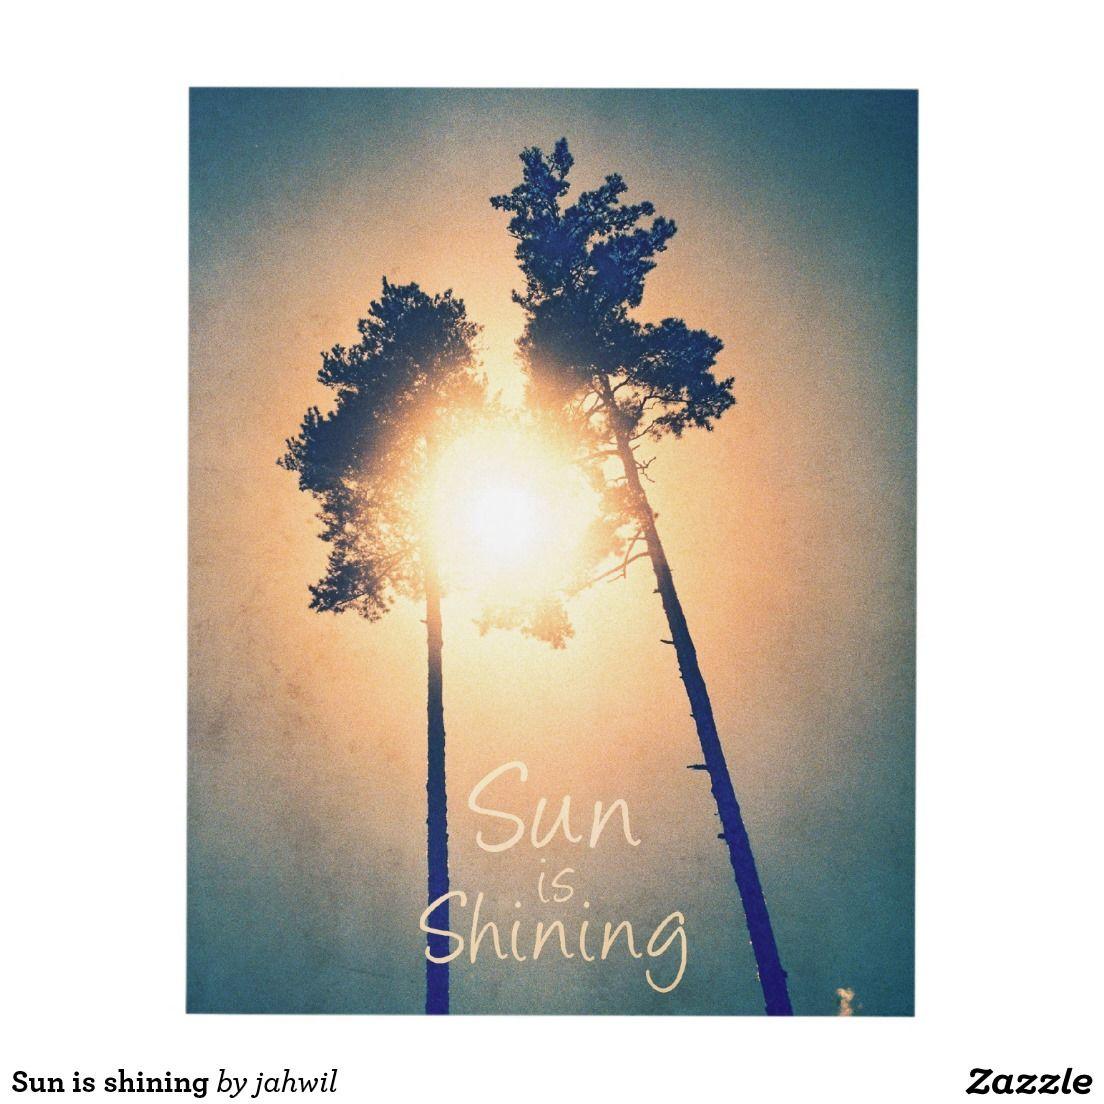 sunisshining #photography #instagram #bobmarley #typography ...